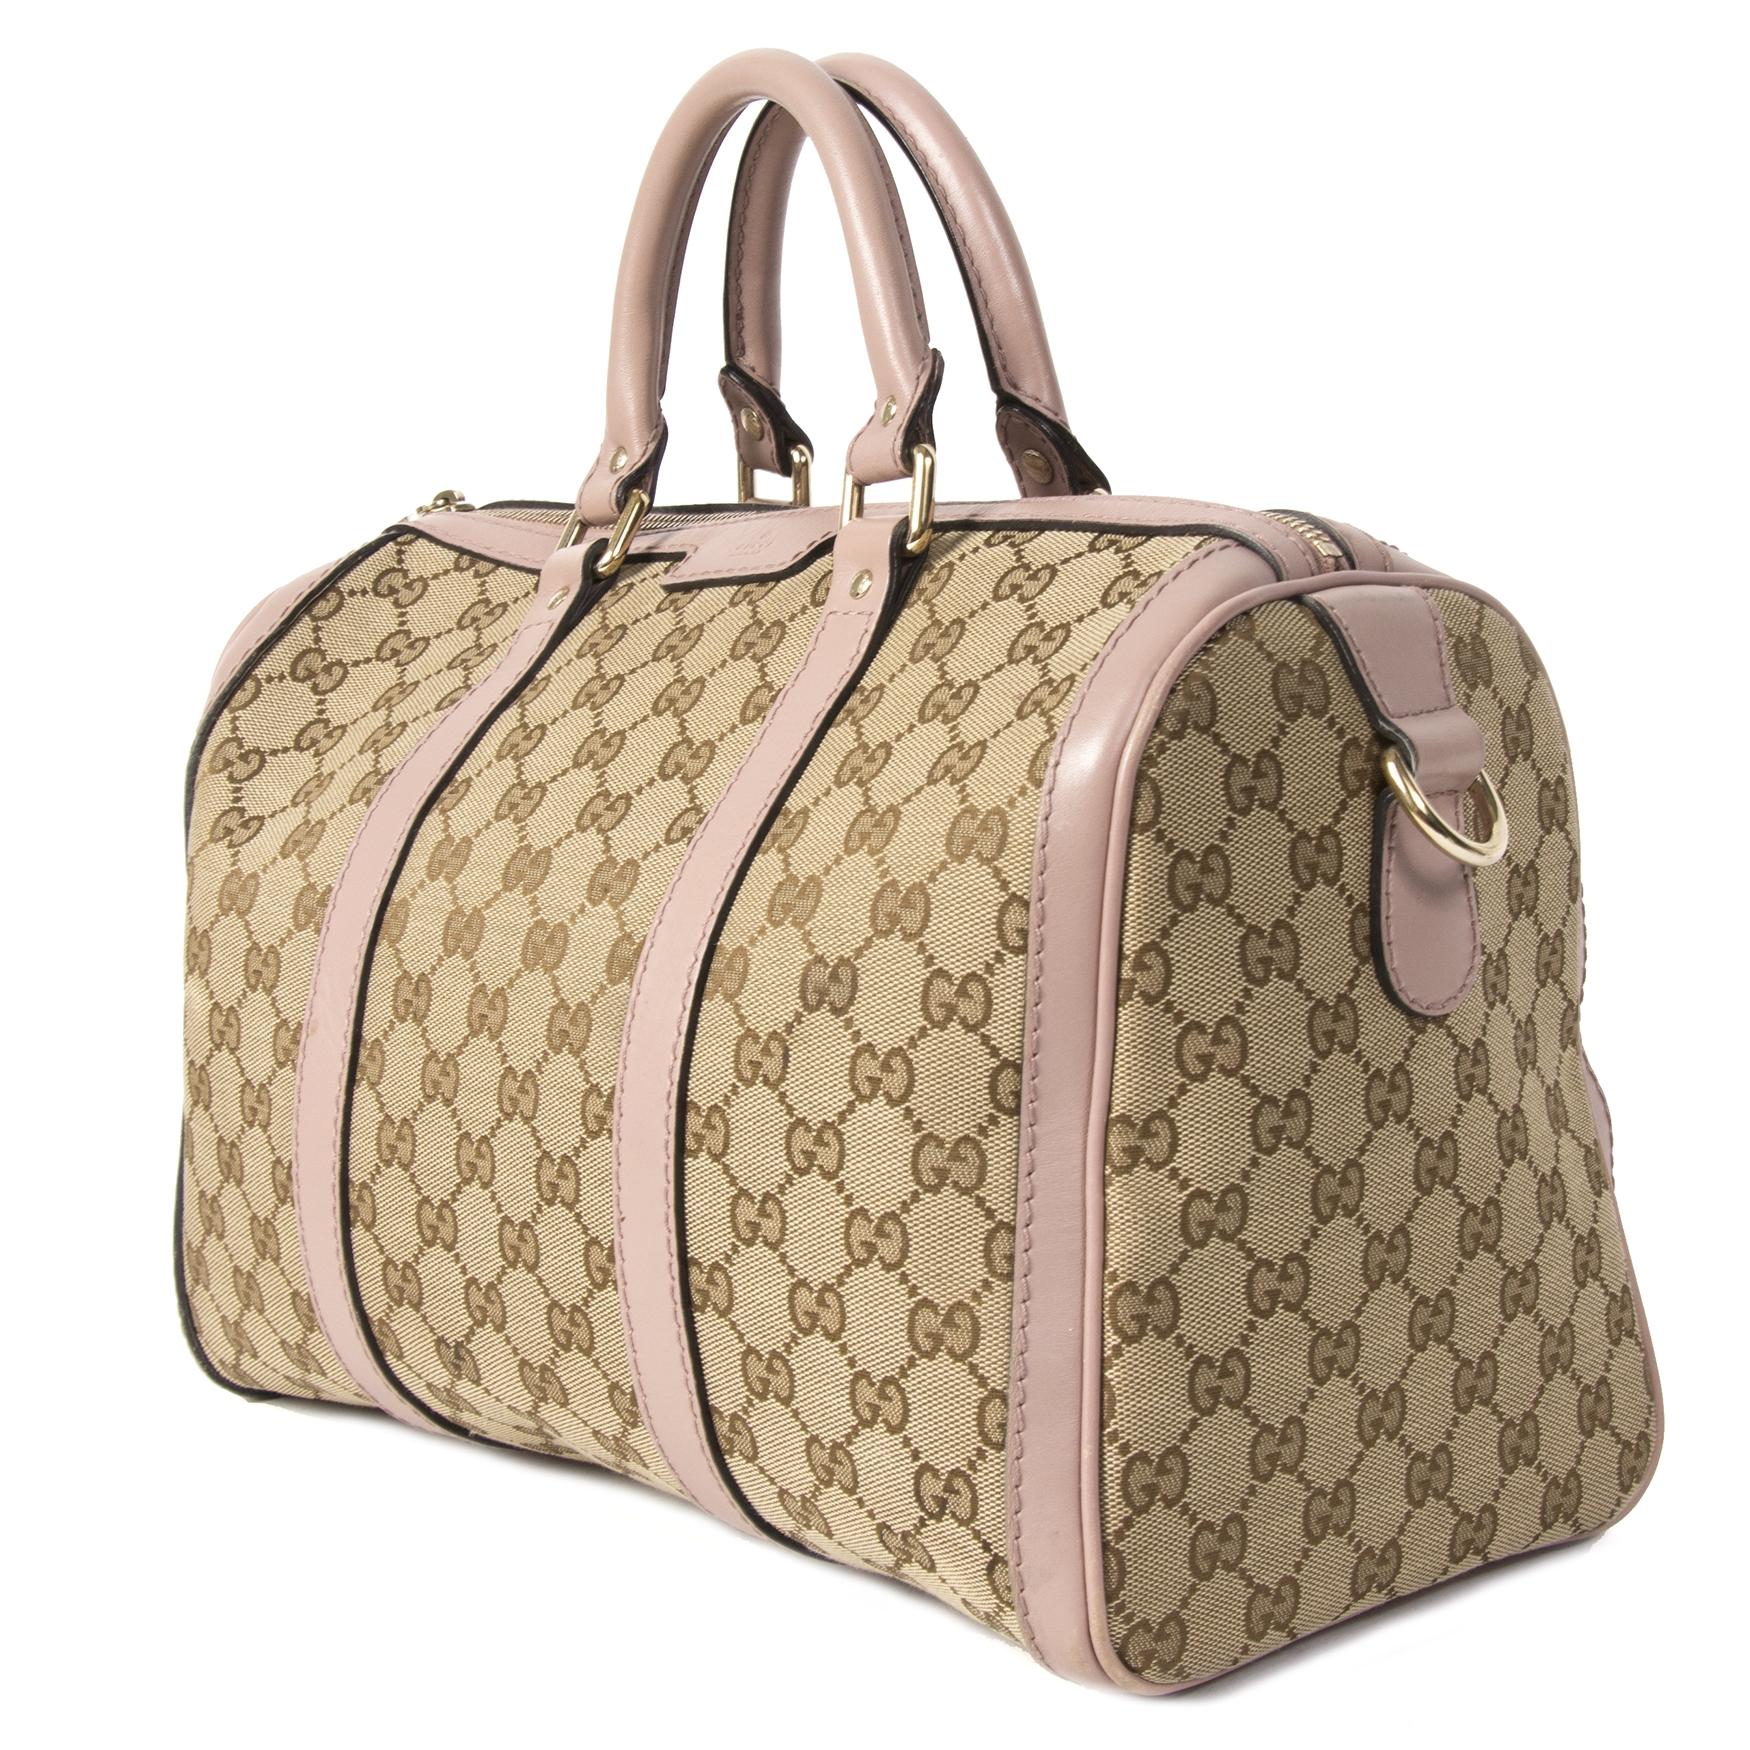 Authentieke tweedehands Gucci Monogram Boston Medium Bag Lila juiste prijs veilig online winkelen LabelLOV webshop luxe merken winkelen Antwerpen België mode fashion